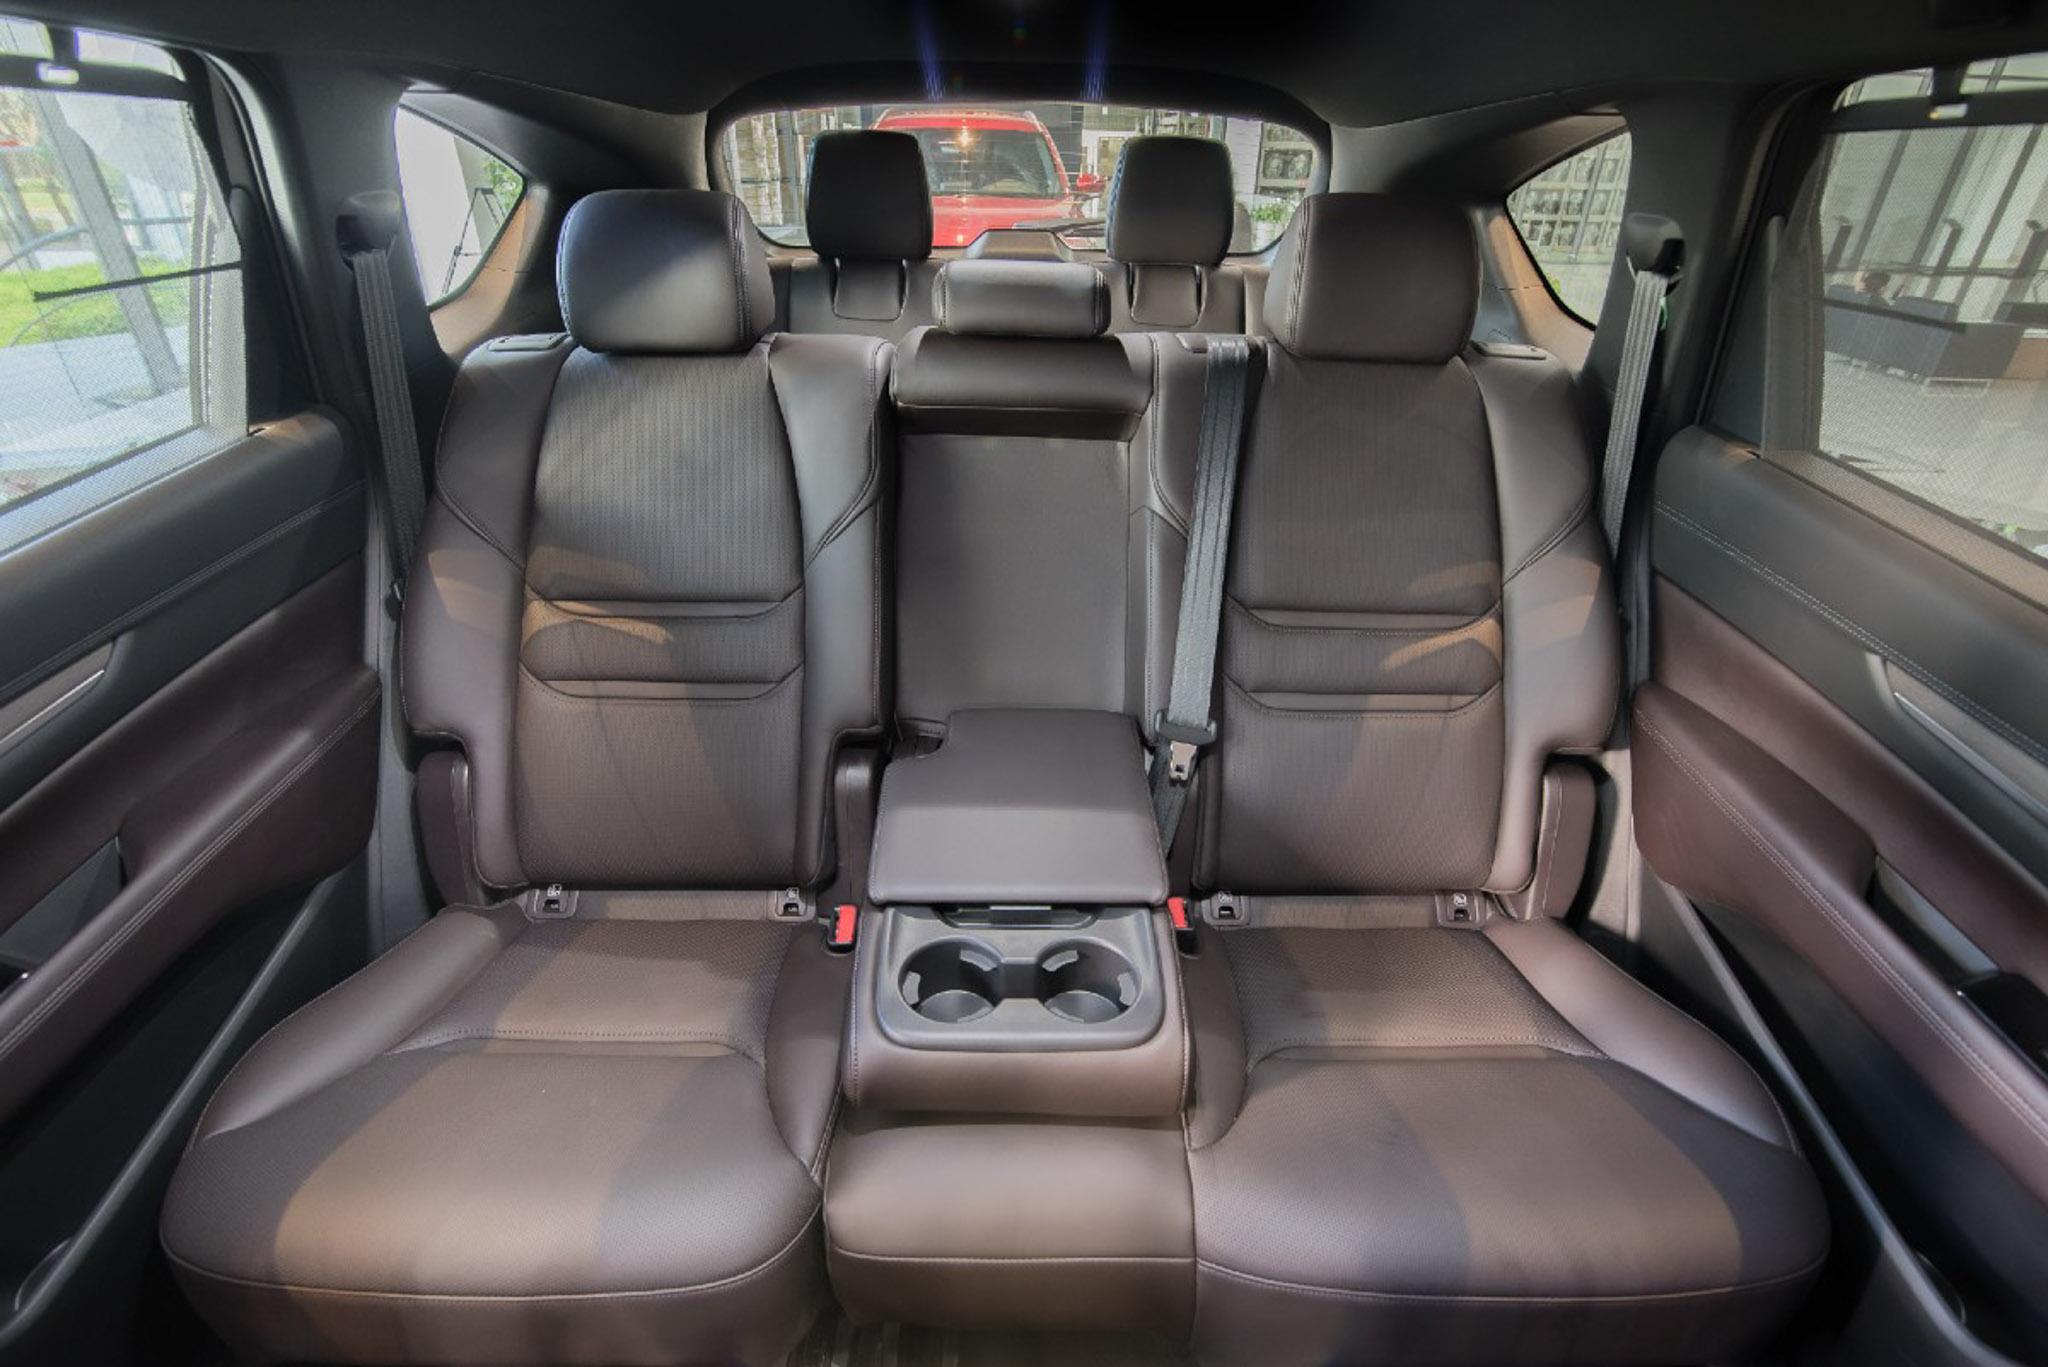 THACO nhận đặt cọc Mazda CX-8 phiên bản Deluxe có giá 1,149 tỷ đồng - 4